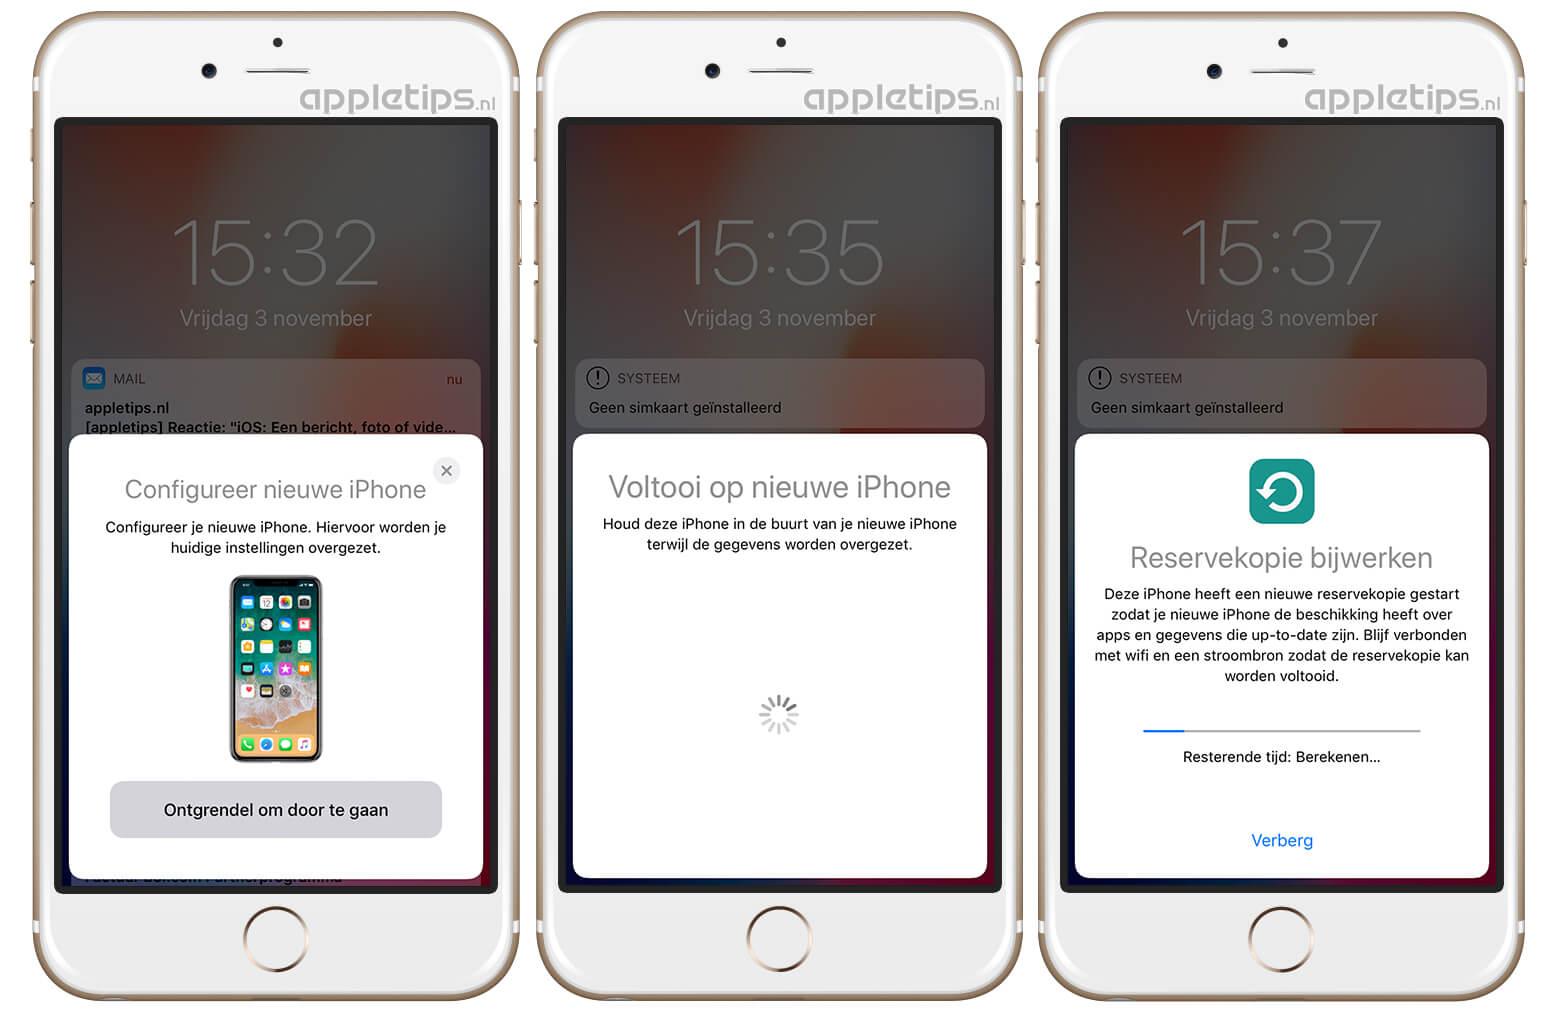 overzetten van bestanden naar nieuwe iphone